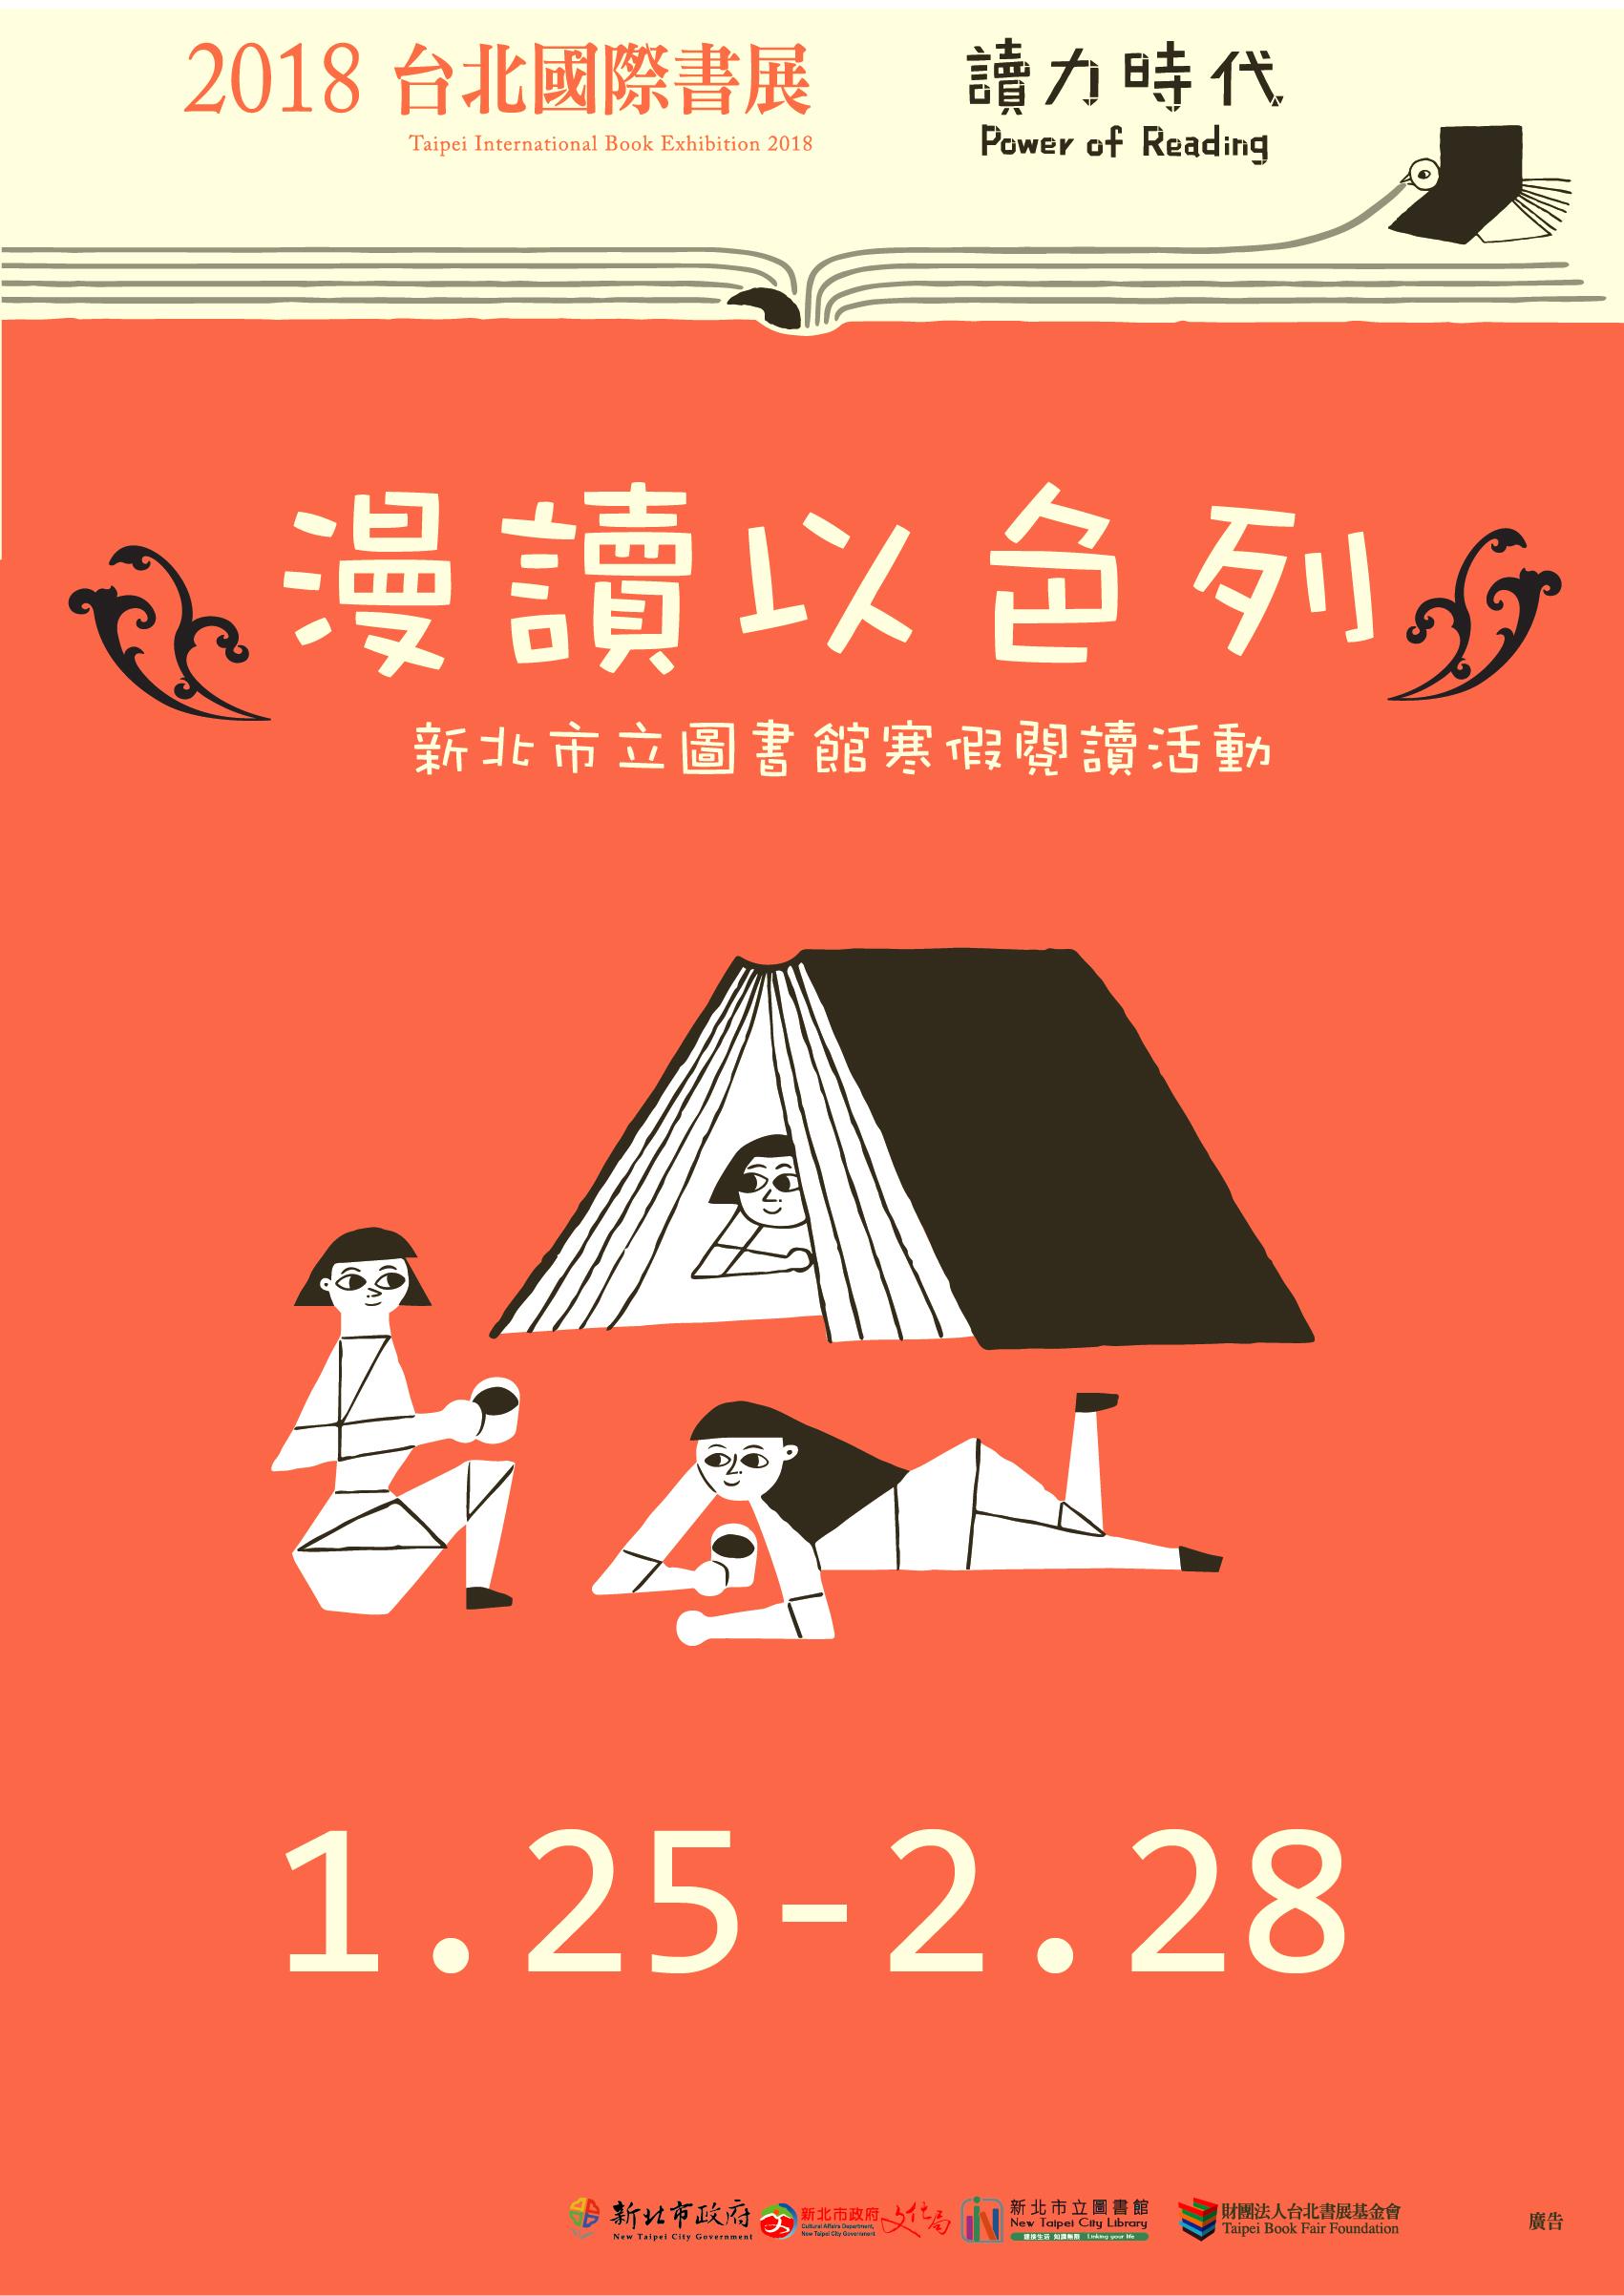 【蘆洲兒童親子分館】107寒假閱讀活動「漫讀以色列」